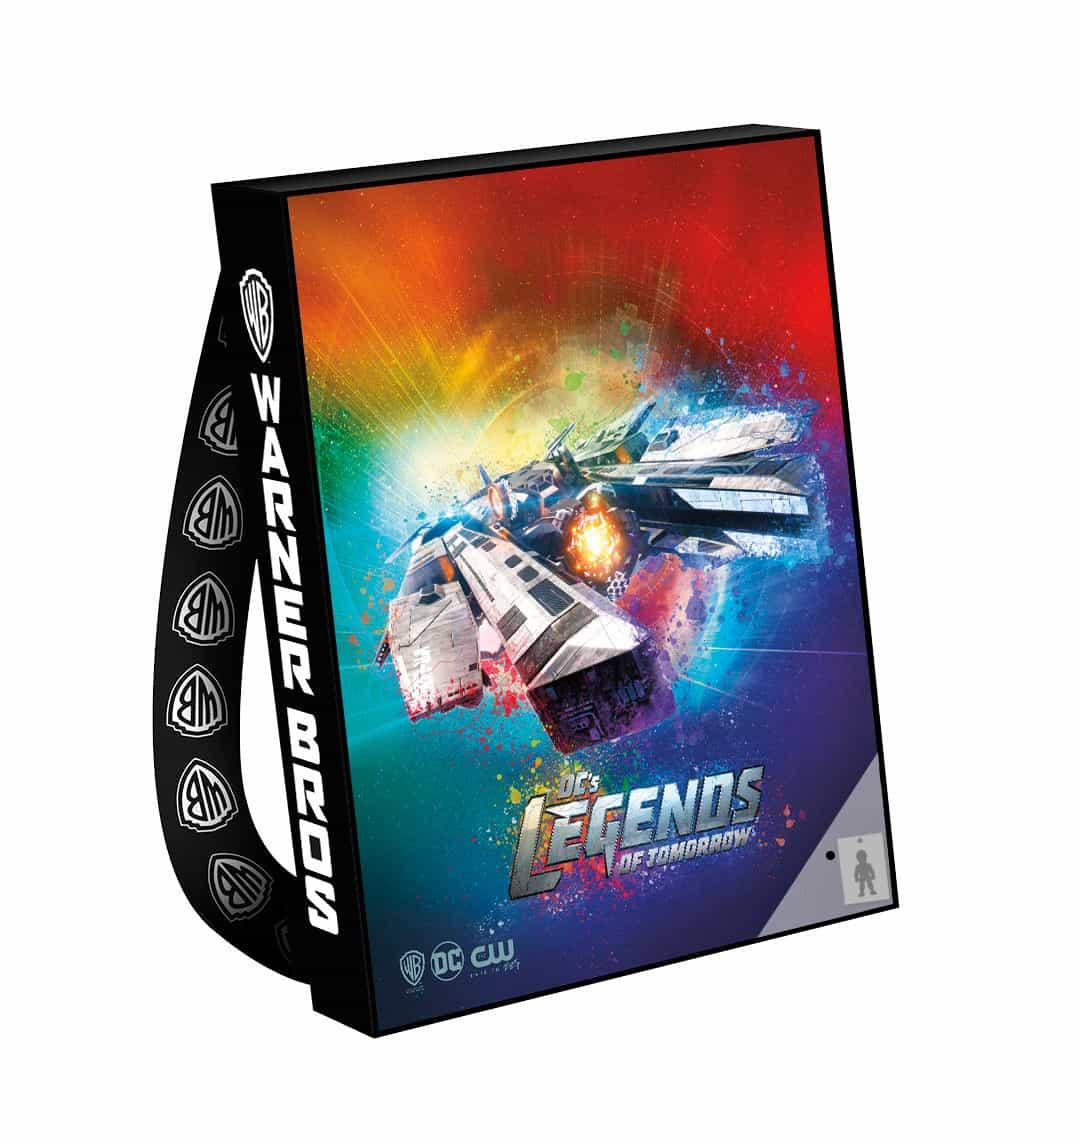 SDCC17 Bag DCs Legends of Tomorrow